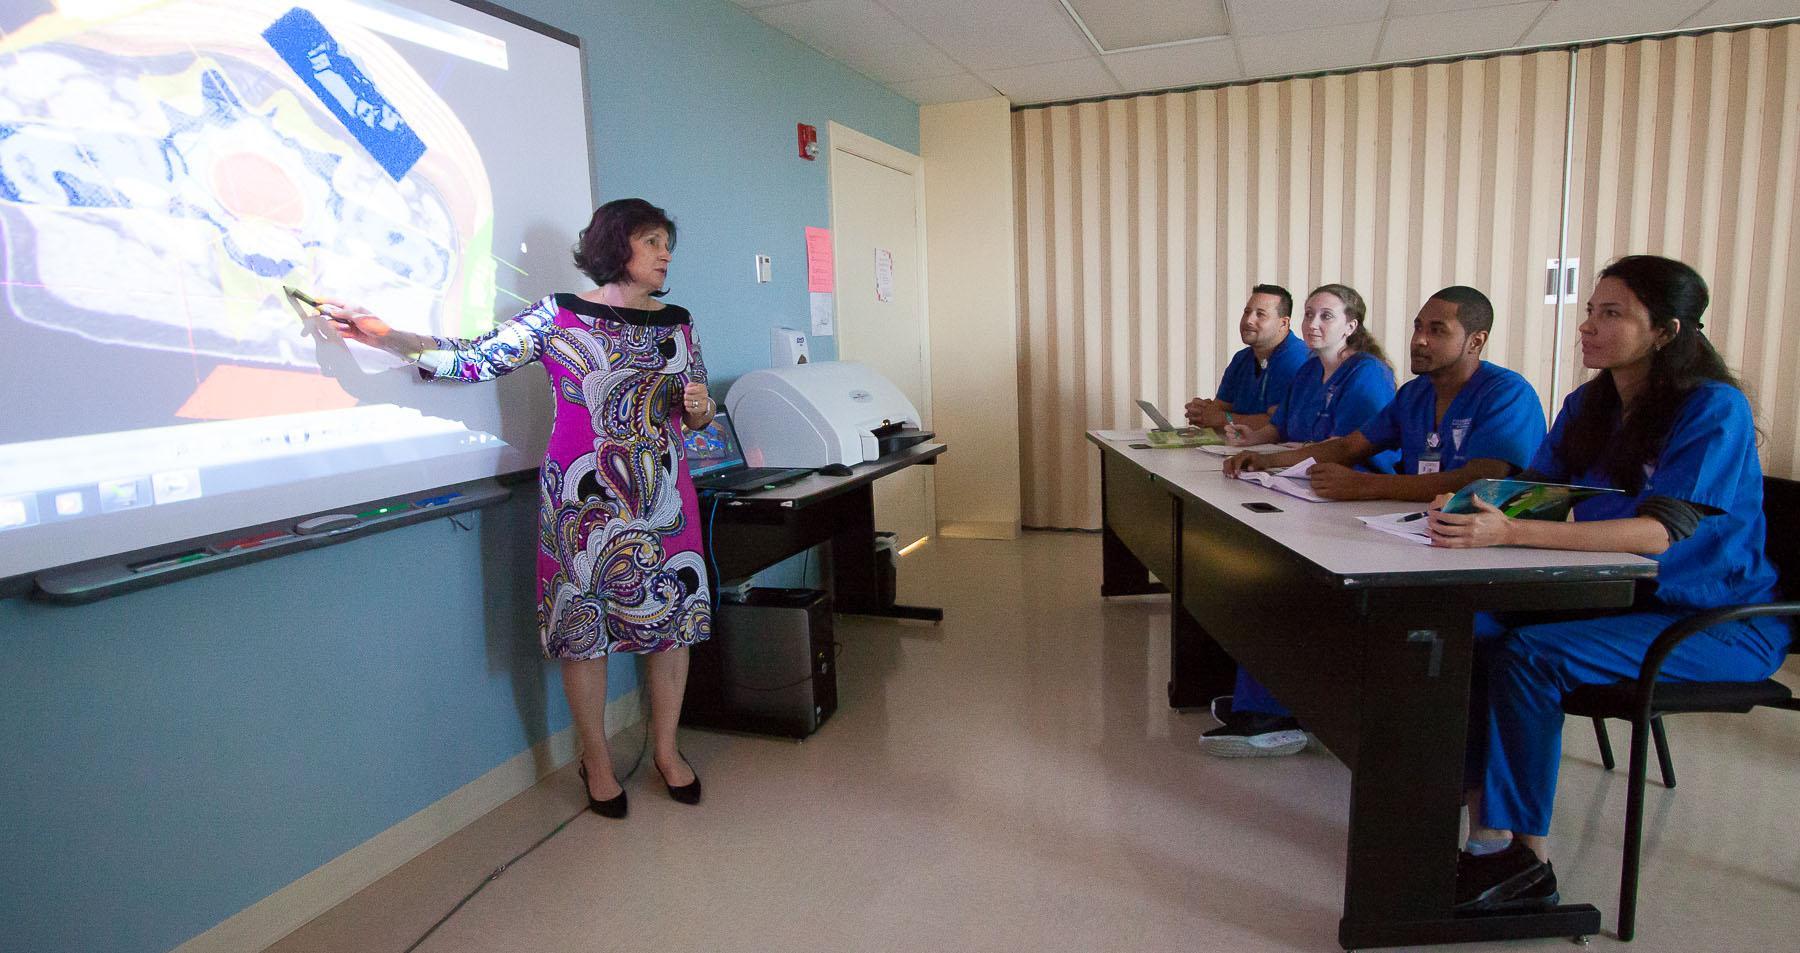 palm beach county fl medical training school nursing programs near